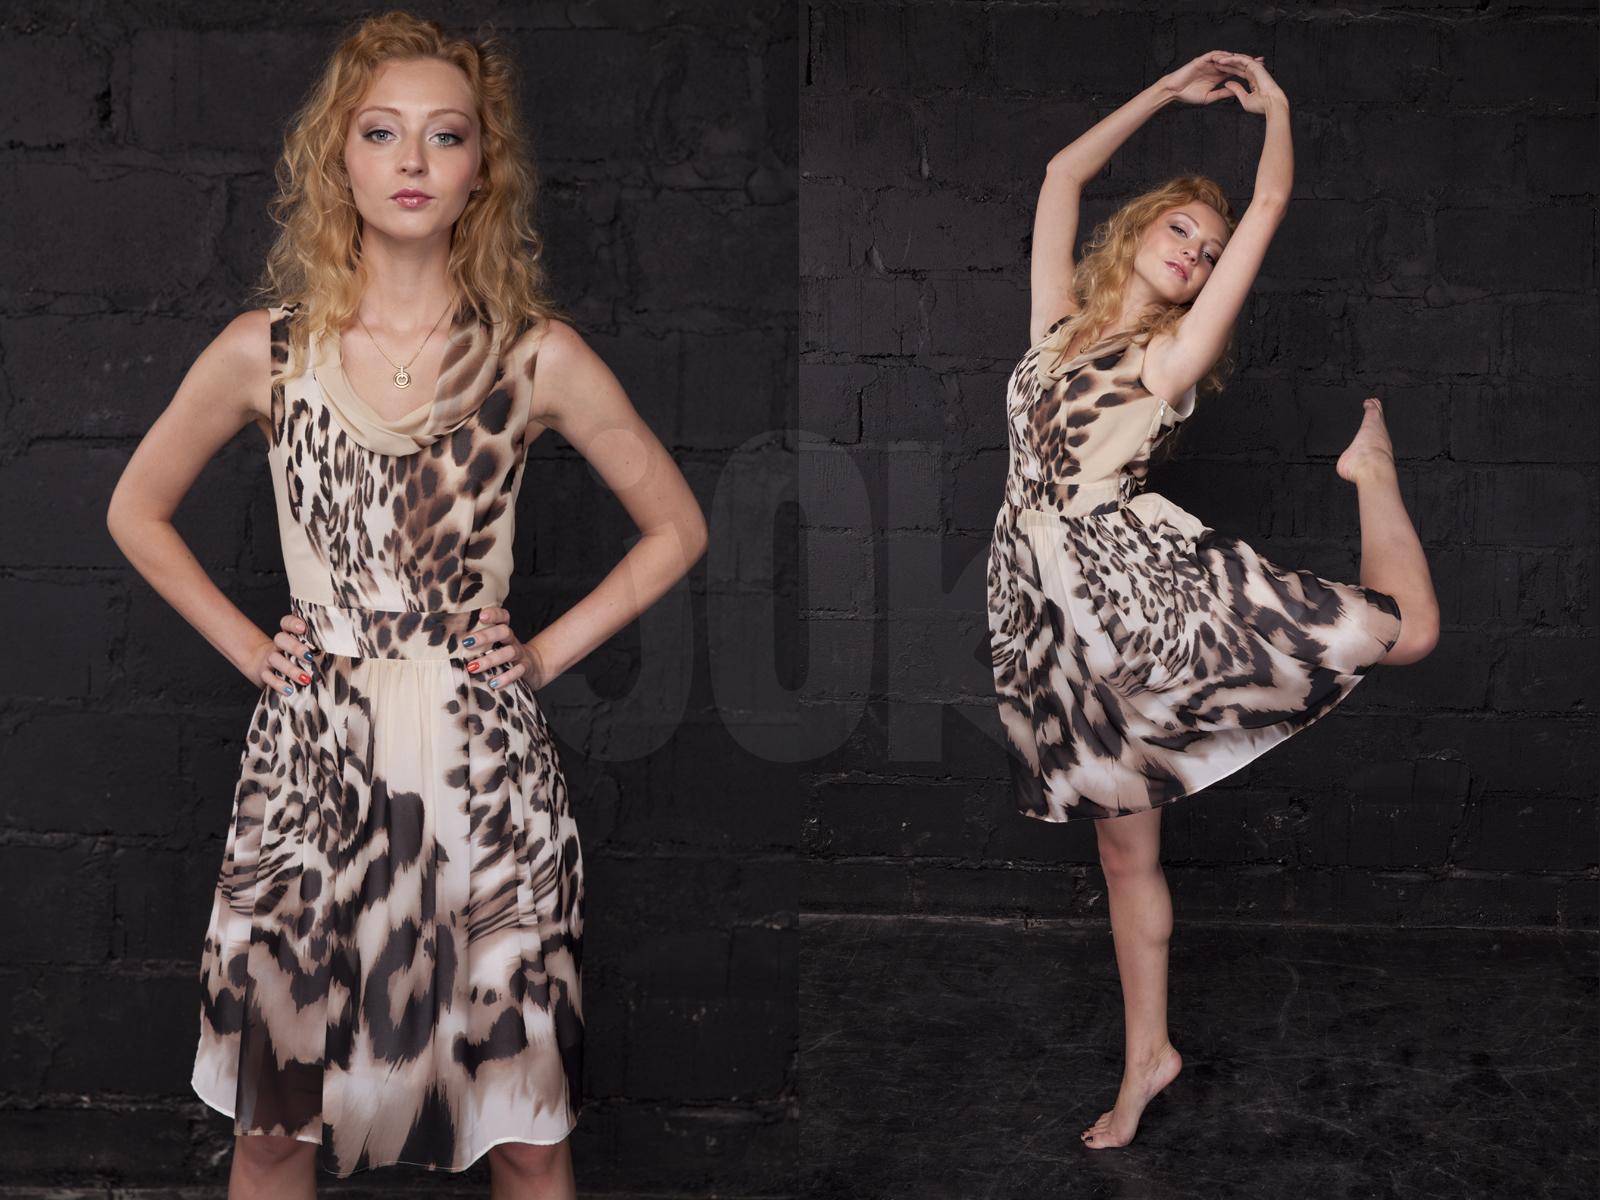 Сбор заказов. Распродажа платьев Jok. Цены от 550 руб.